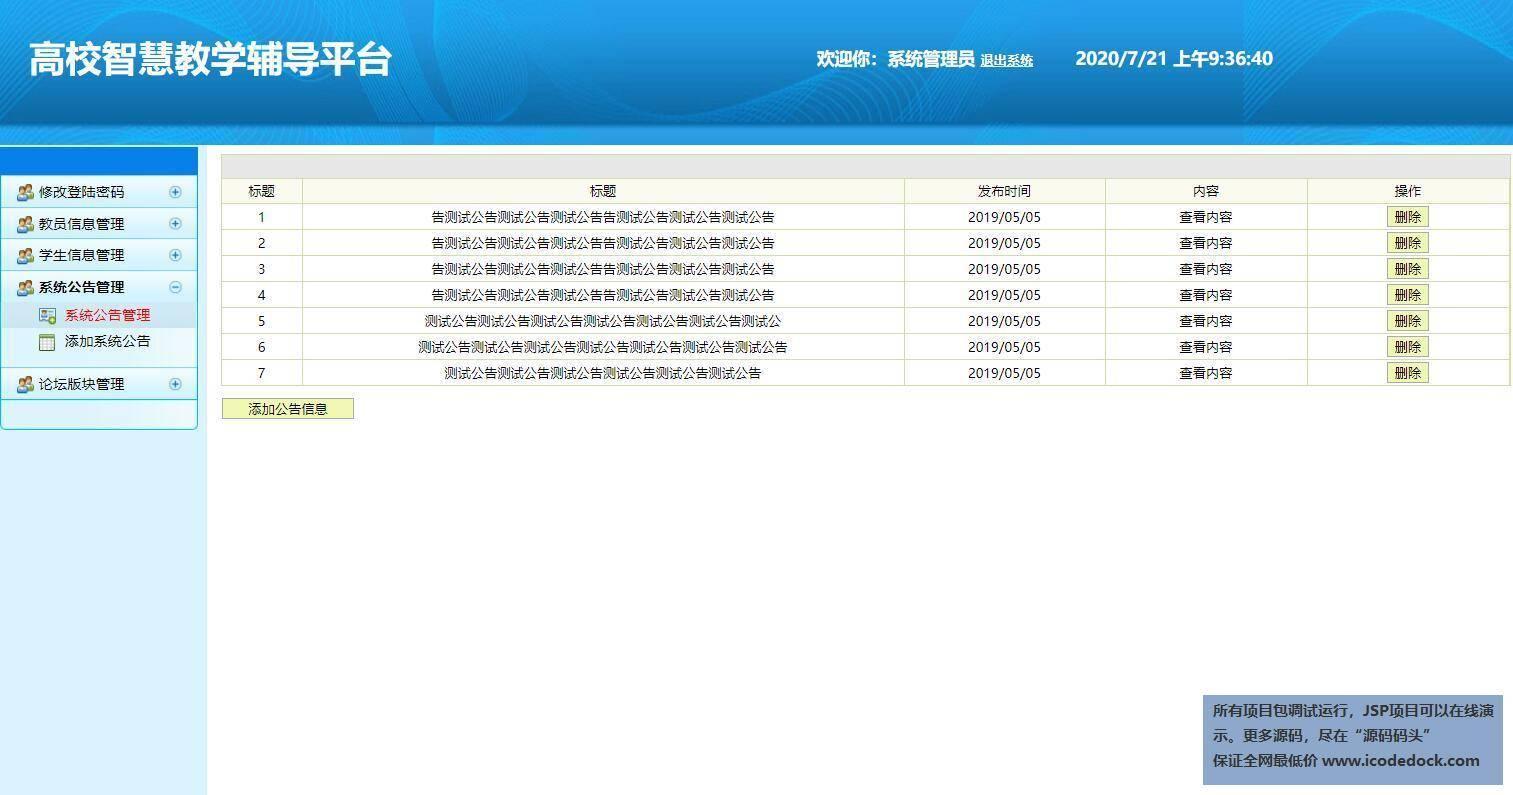 源码码头-SSH高校智慧教学辅导平台系统-管理员角色-系统公告管理